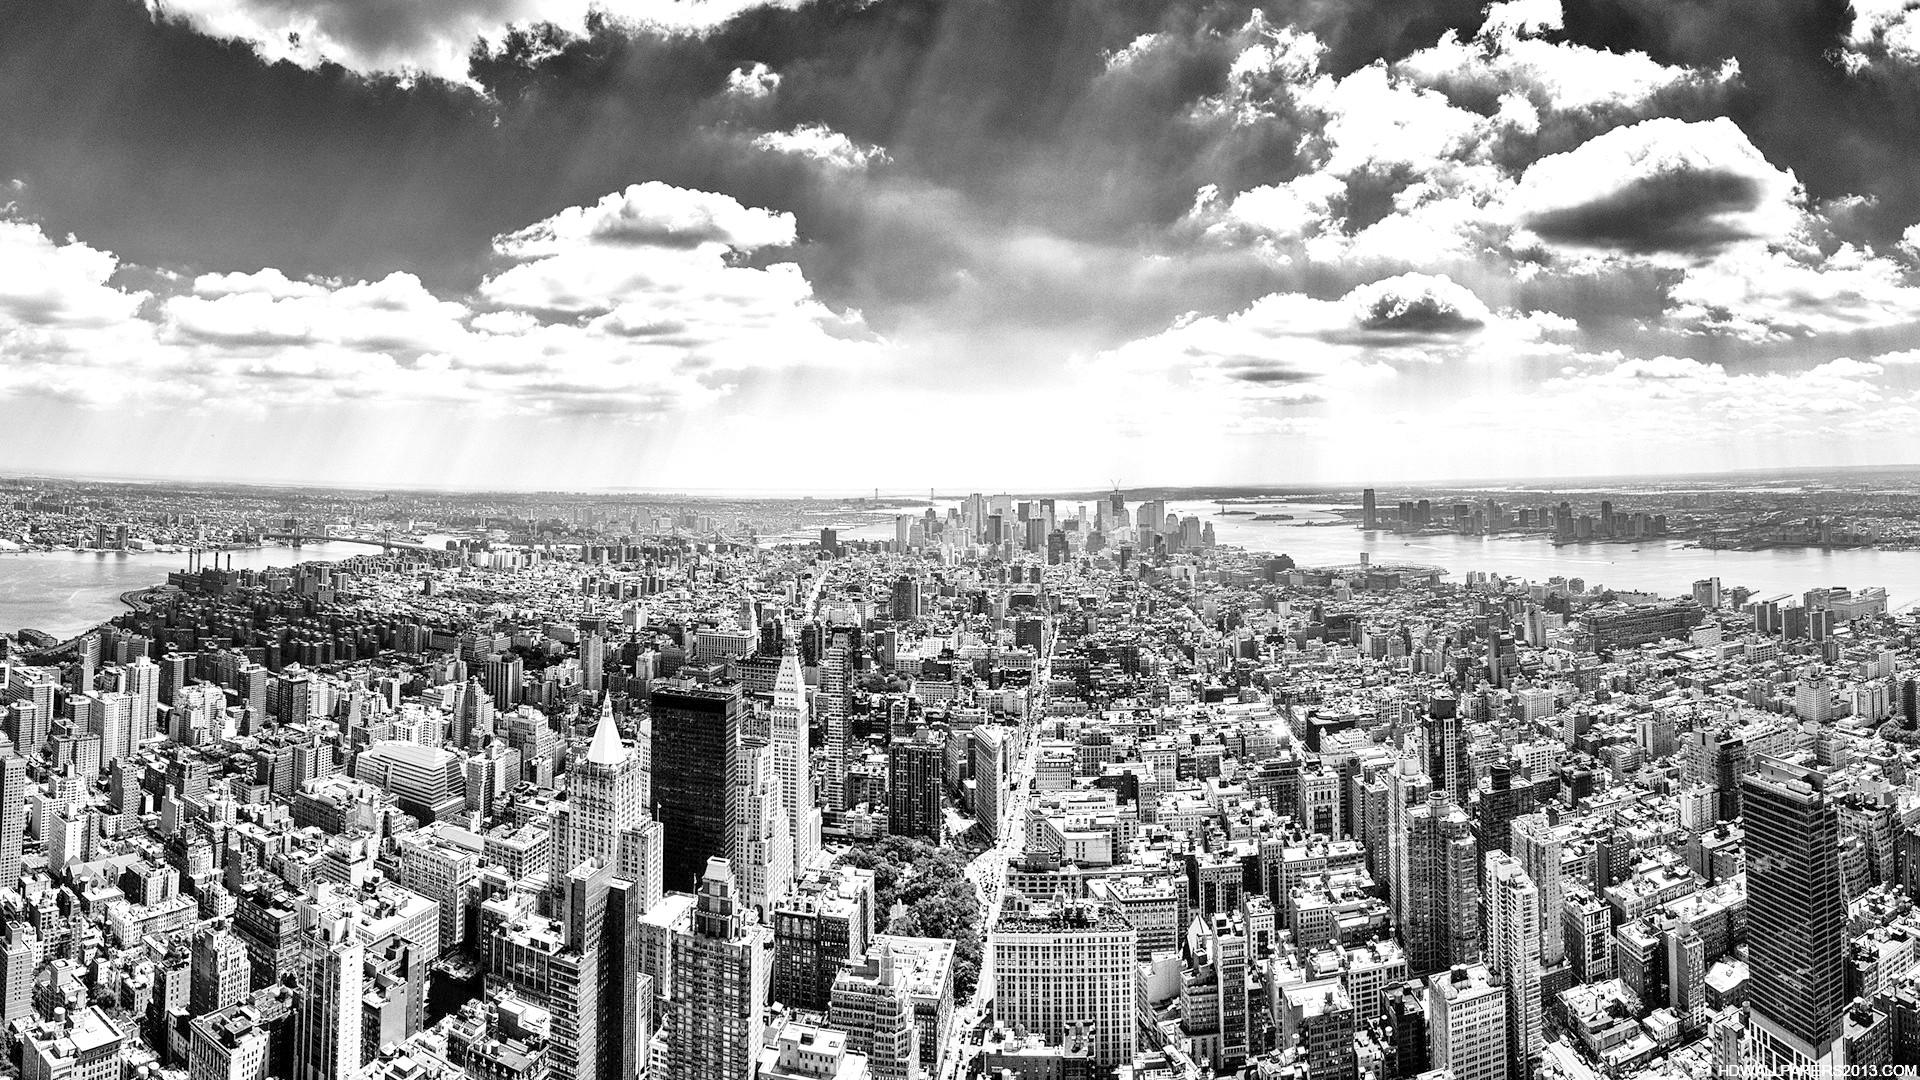 tumblr_static_new-york-black-and-white-skyline-wallpaper.jpg